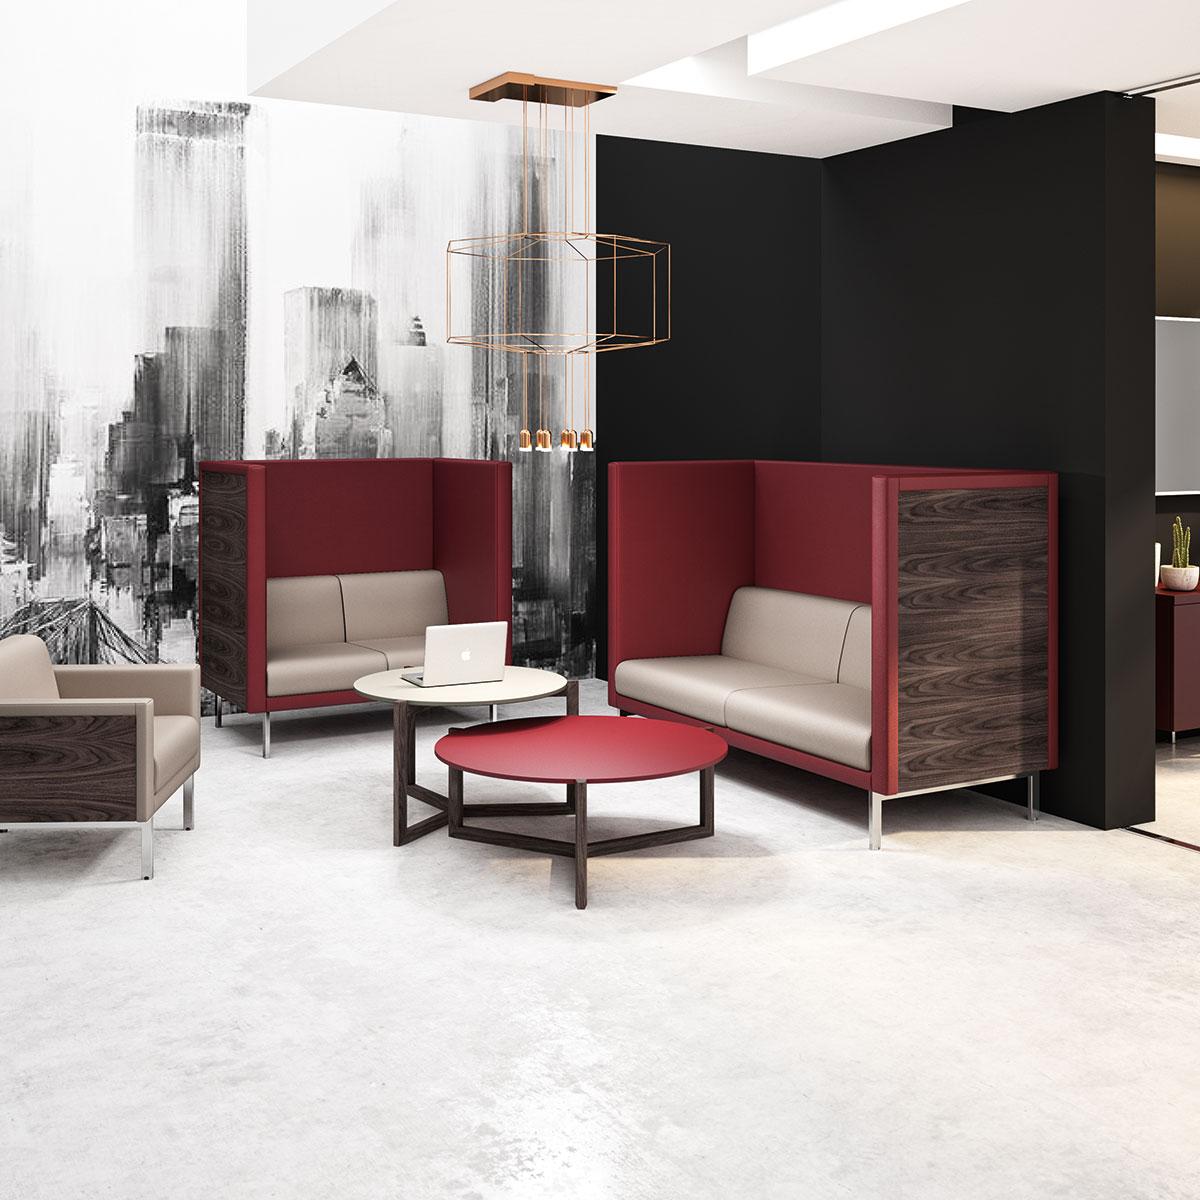 gallery-waiting-xl-centoventi-nogal-espresso-cromo-piel-gris-piedra-pi09-y-burdeos-pi13-22